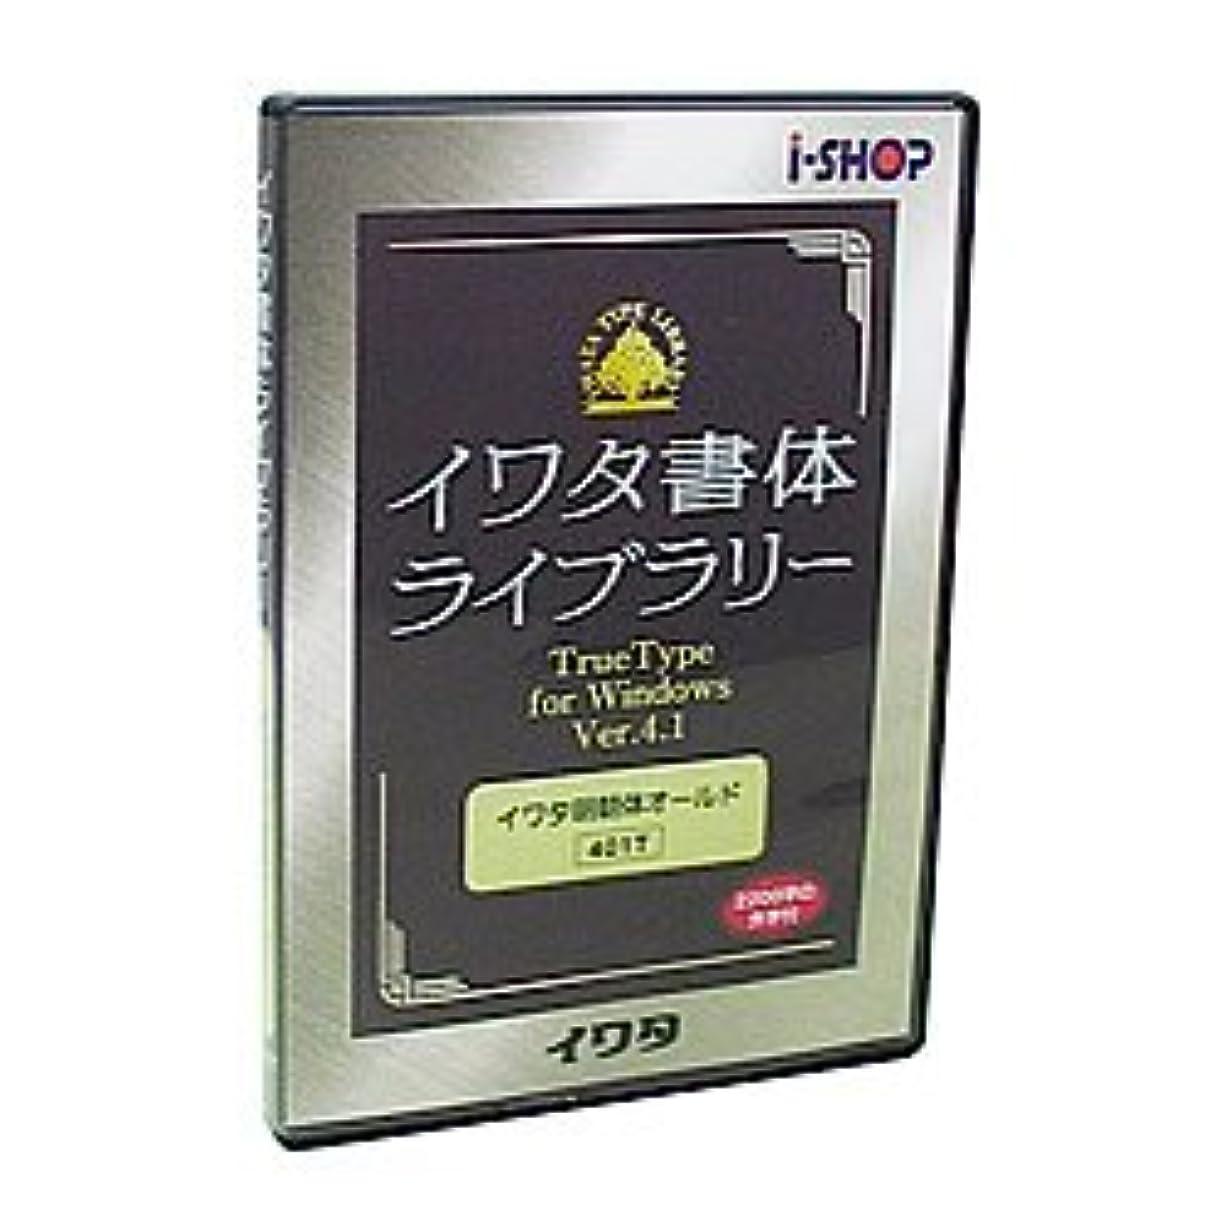 難しいシャイニング到着イワタ書体ライブラリー Ver.4 Windows版 TrueType イワタ新聞明朝体KJIS